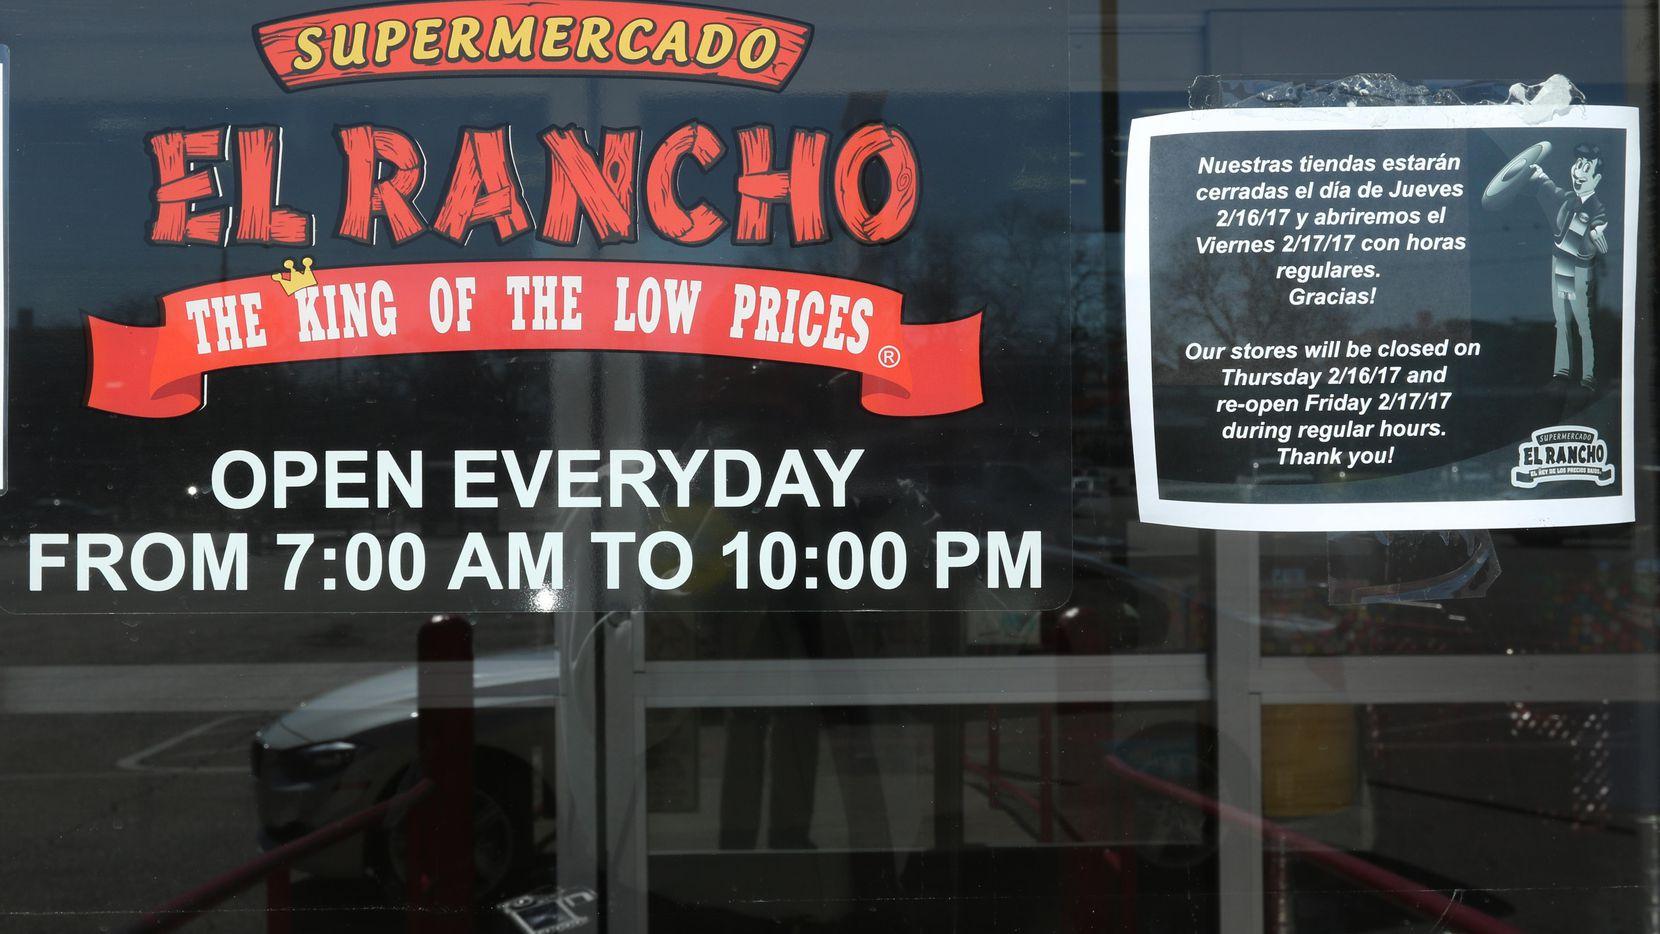 Una tienda de El Rancho en Gaston Avenue, en Dallas. Ahora El Rancho será parte de Albertsons.s) (DMN/IRWIN THOMPSON)